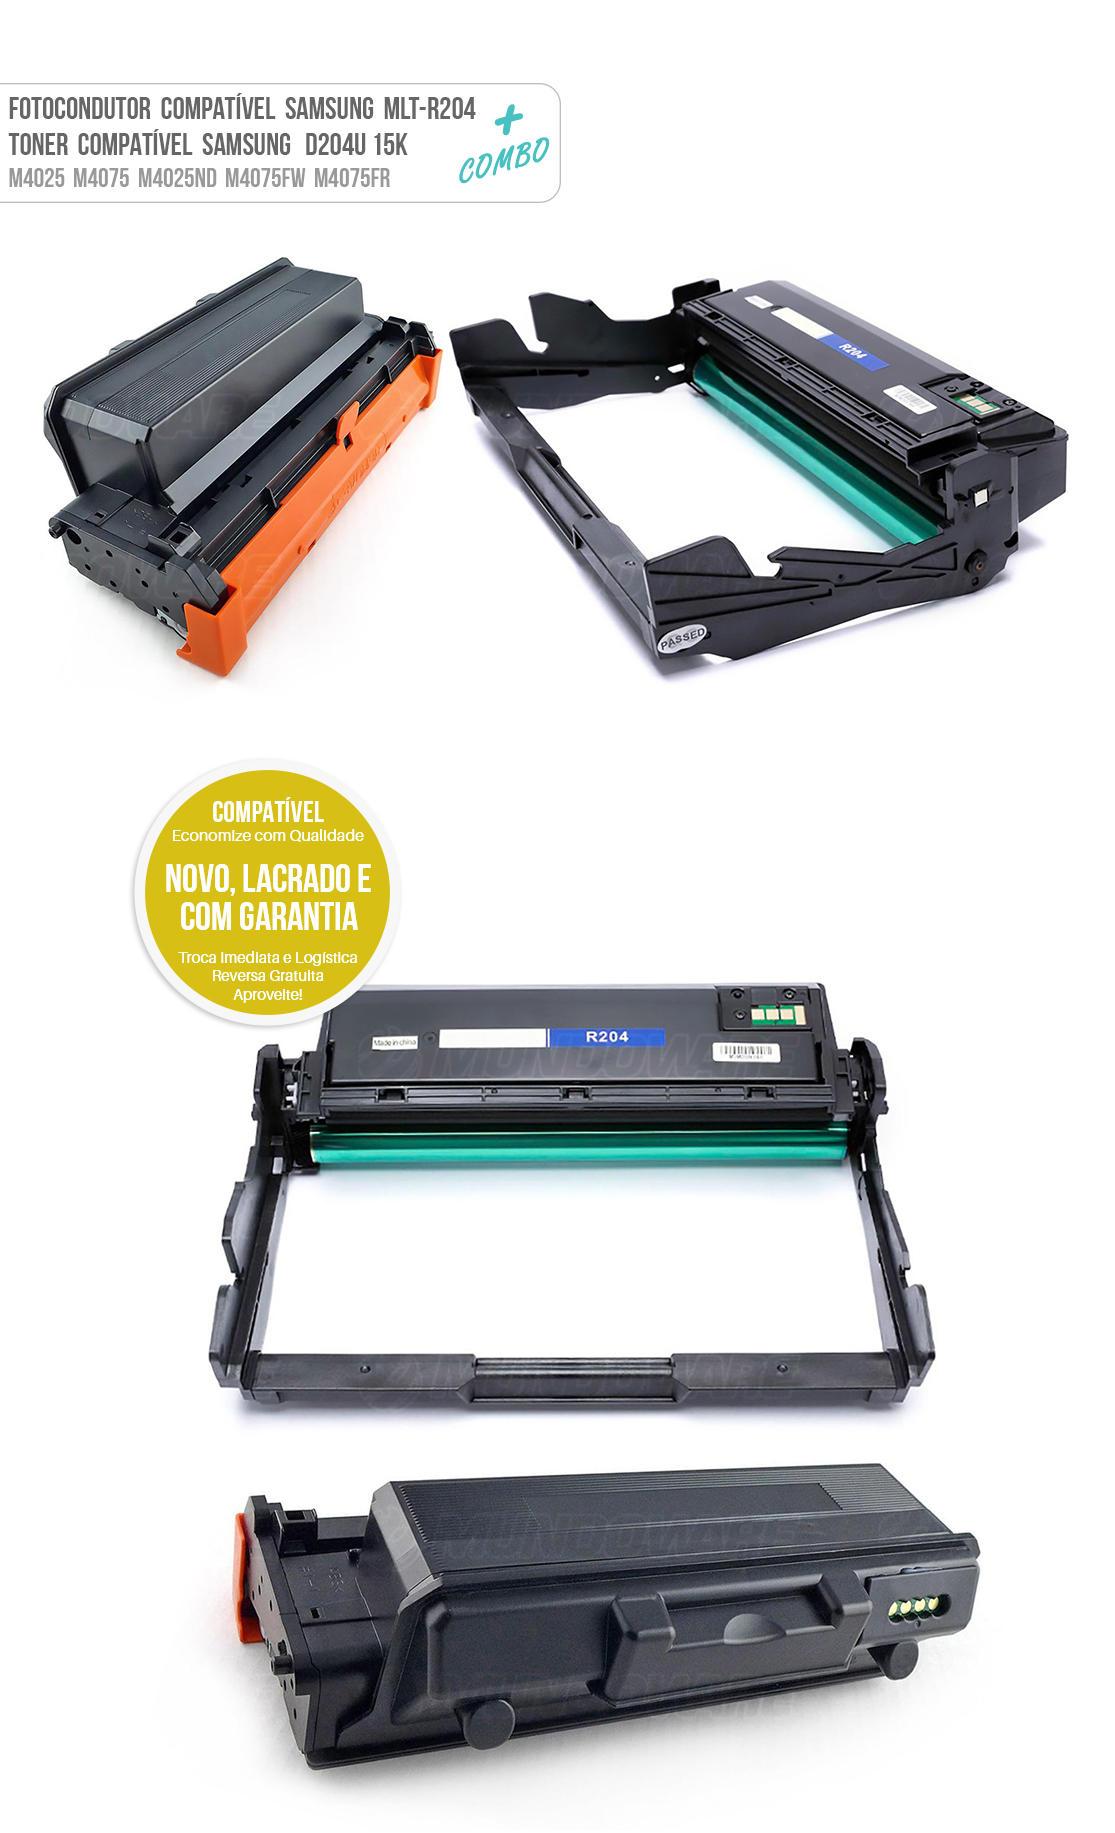 Unidade Cilindro Samsung DR204 R204 + Toner D204U para M4025ND M4075FW M4075FR M4025 M4075 M 4025ND M 4075FW M 4075FR M 4025 M 4075 Tonner